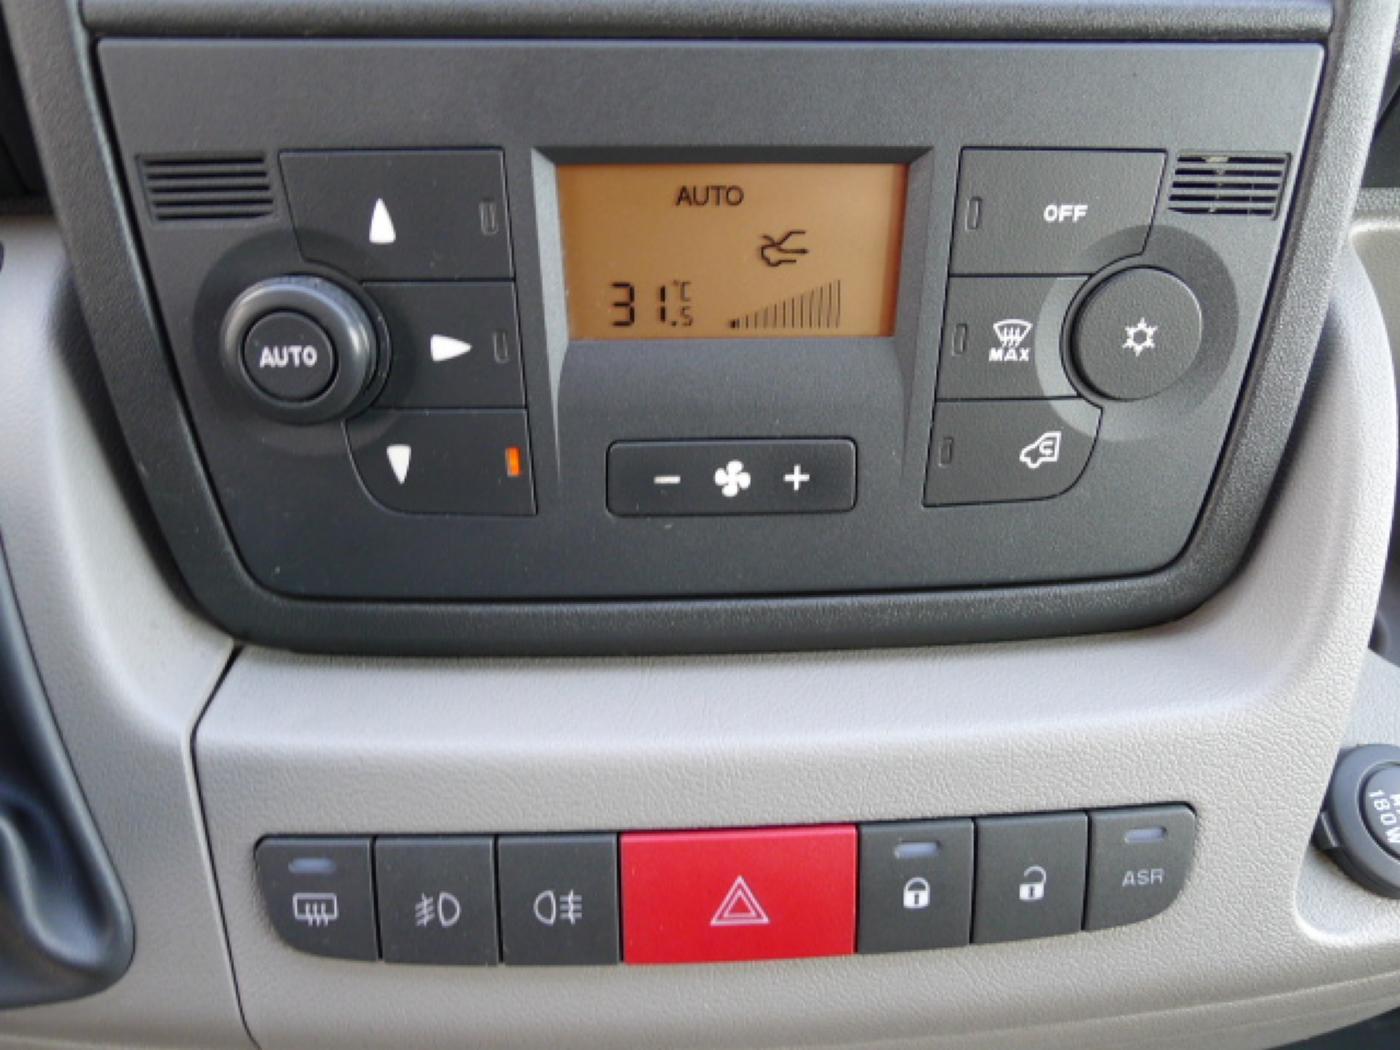 Fiat Ducato 2,3 JTD L2H2 6míst+Klima+Kamera Akc - 11